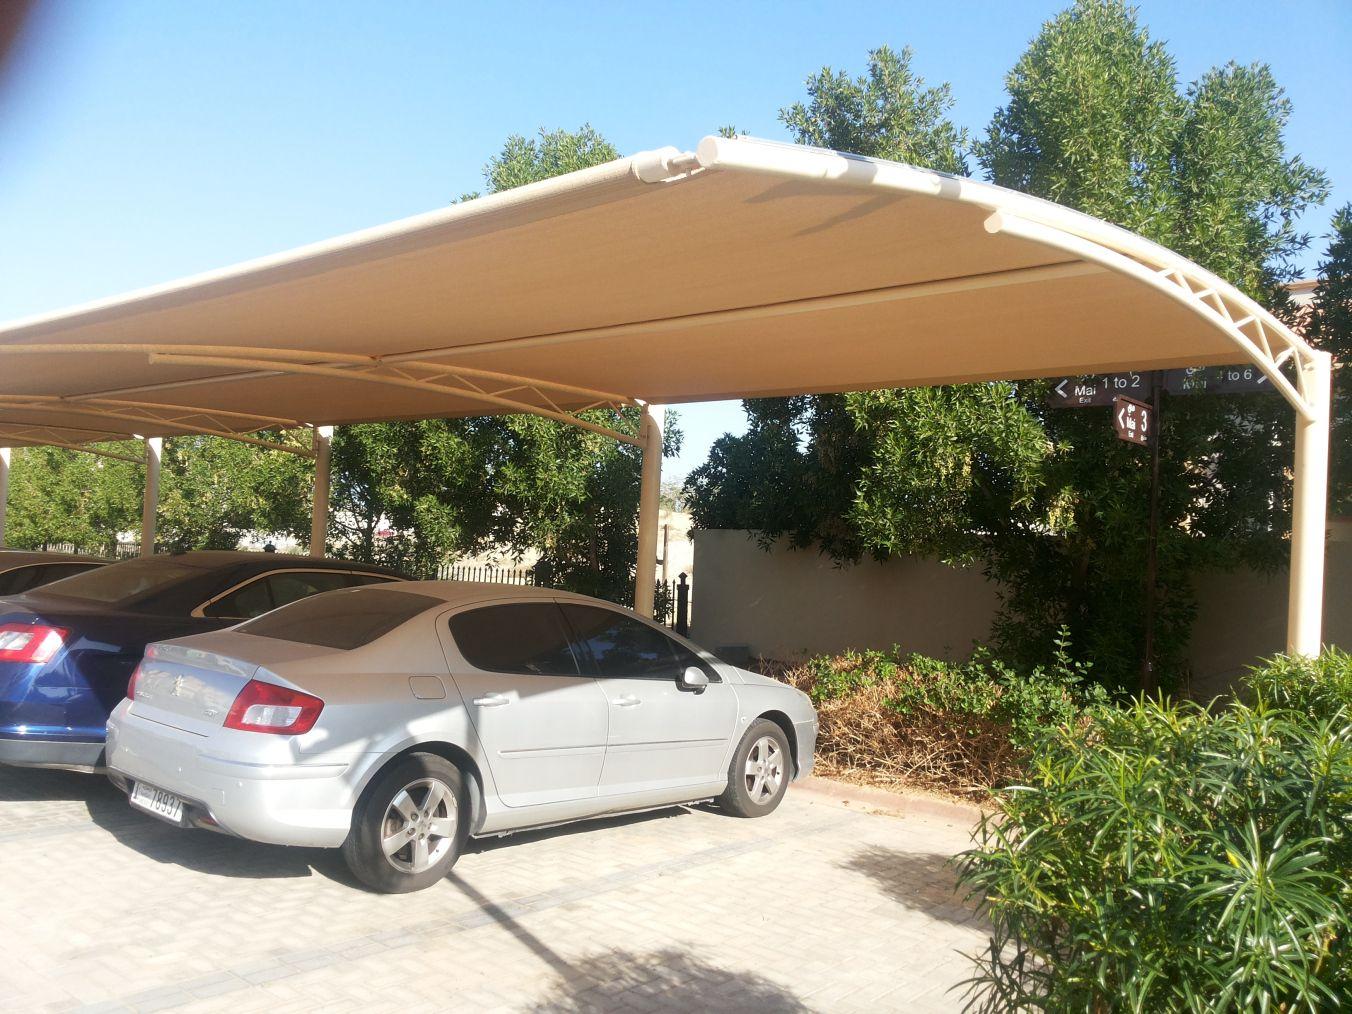 Tents And Shades Supplier Park Shade Car Shade Carport Shade